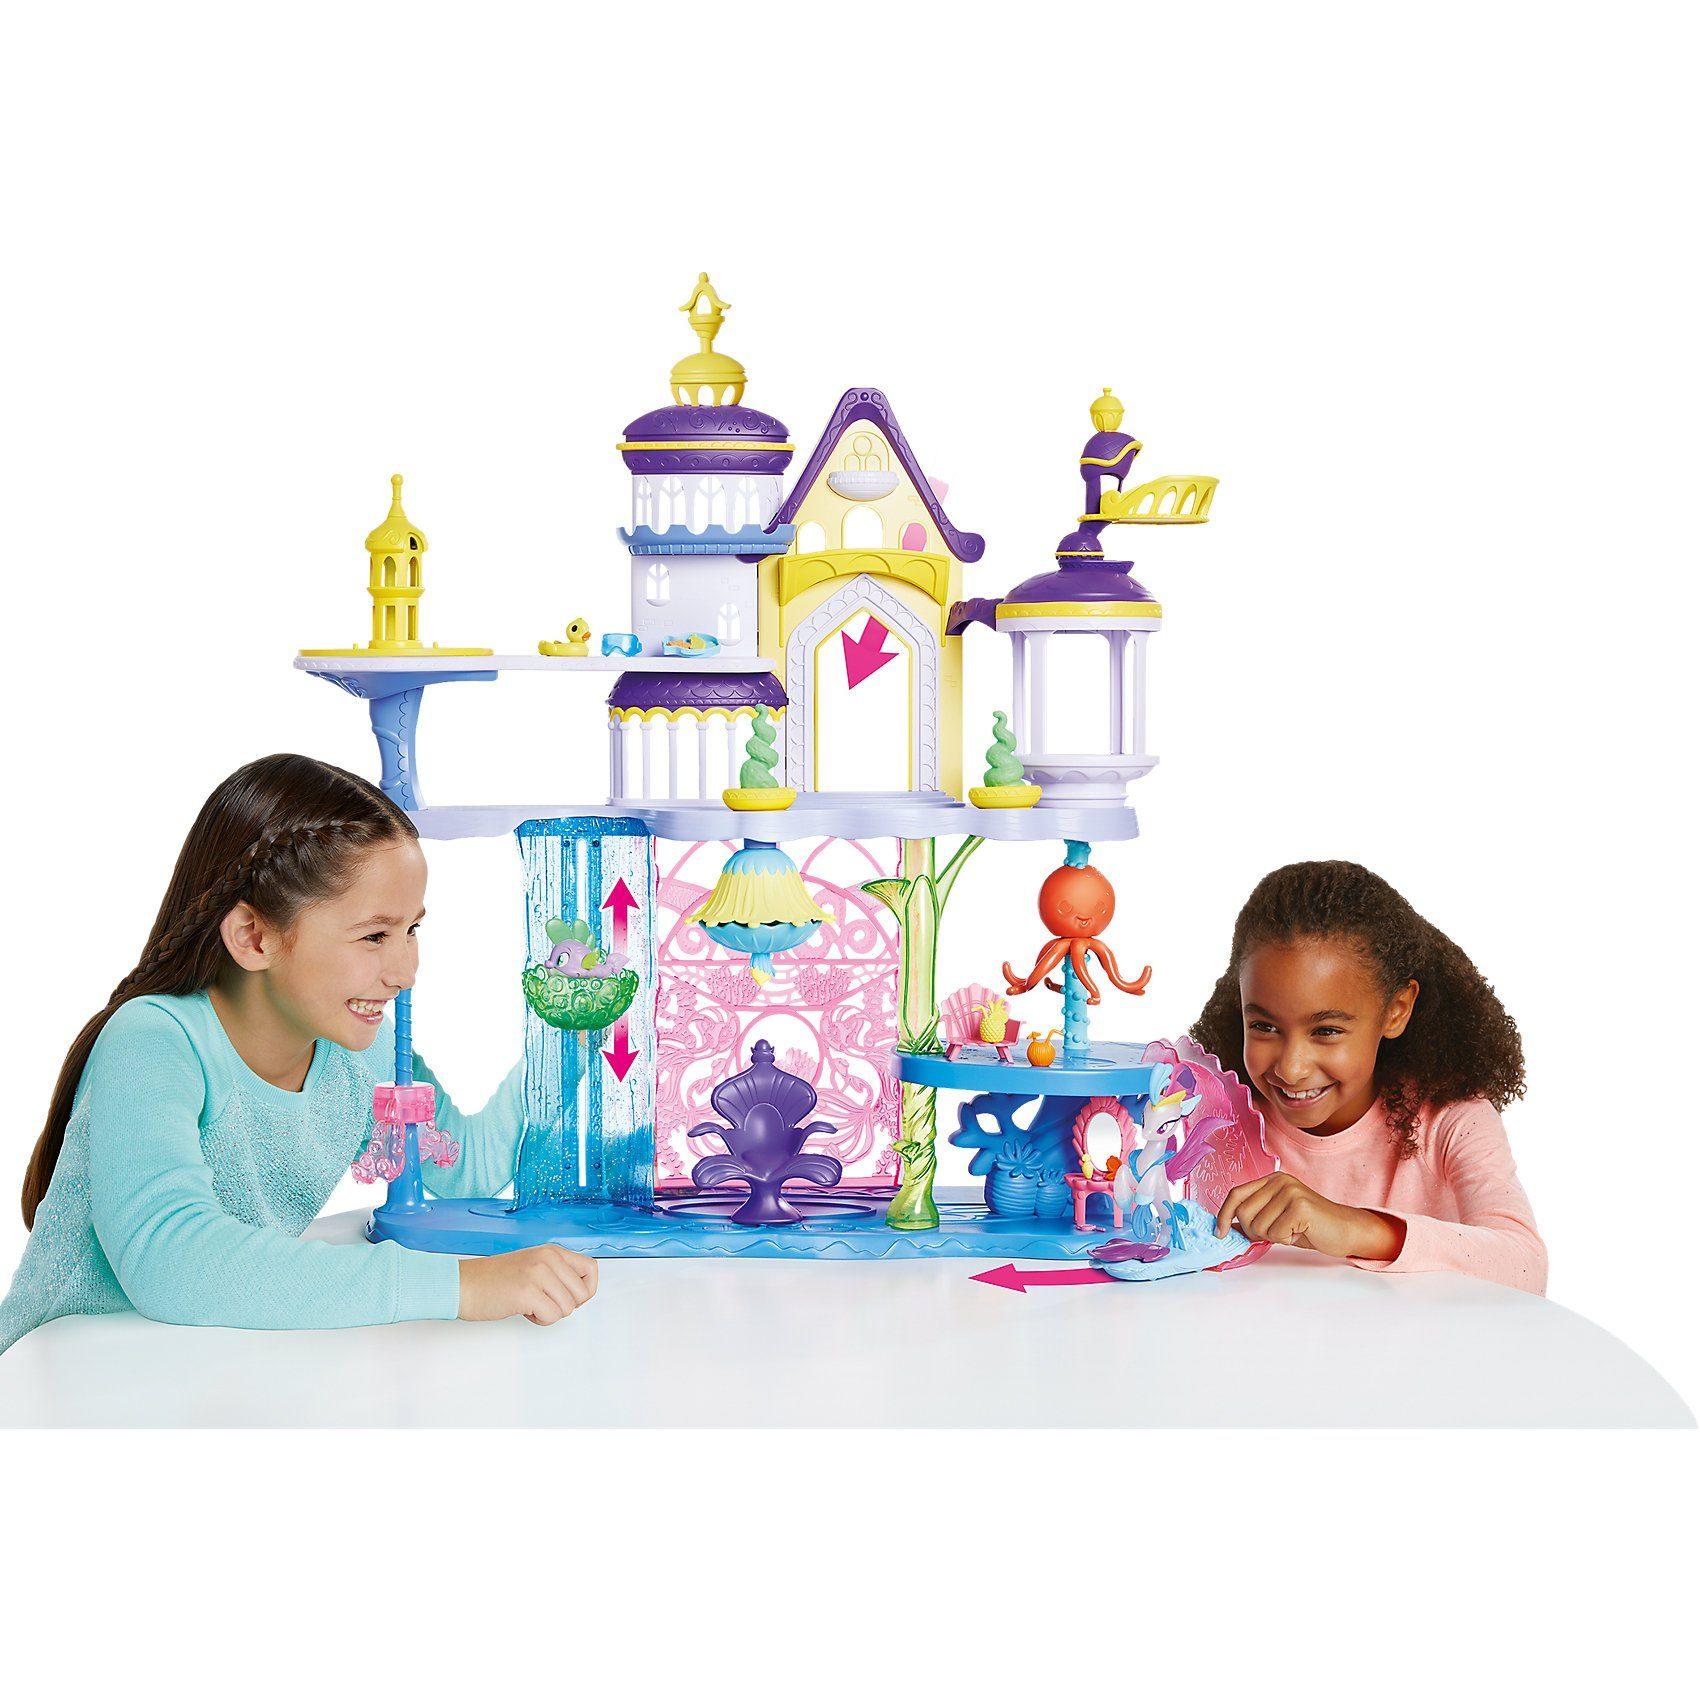 Hasbro MLP Movie Schloss Canterlot & Seaquestria